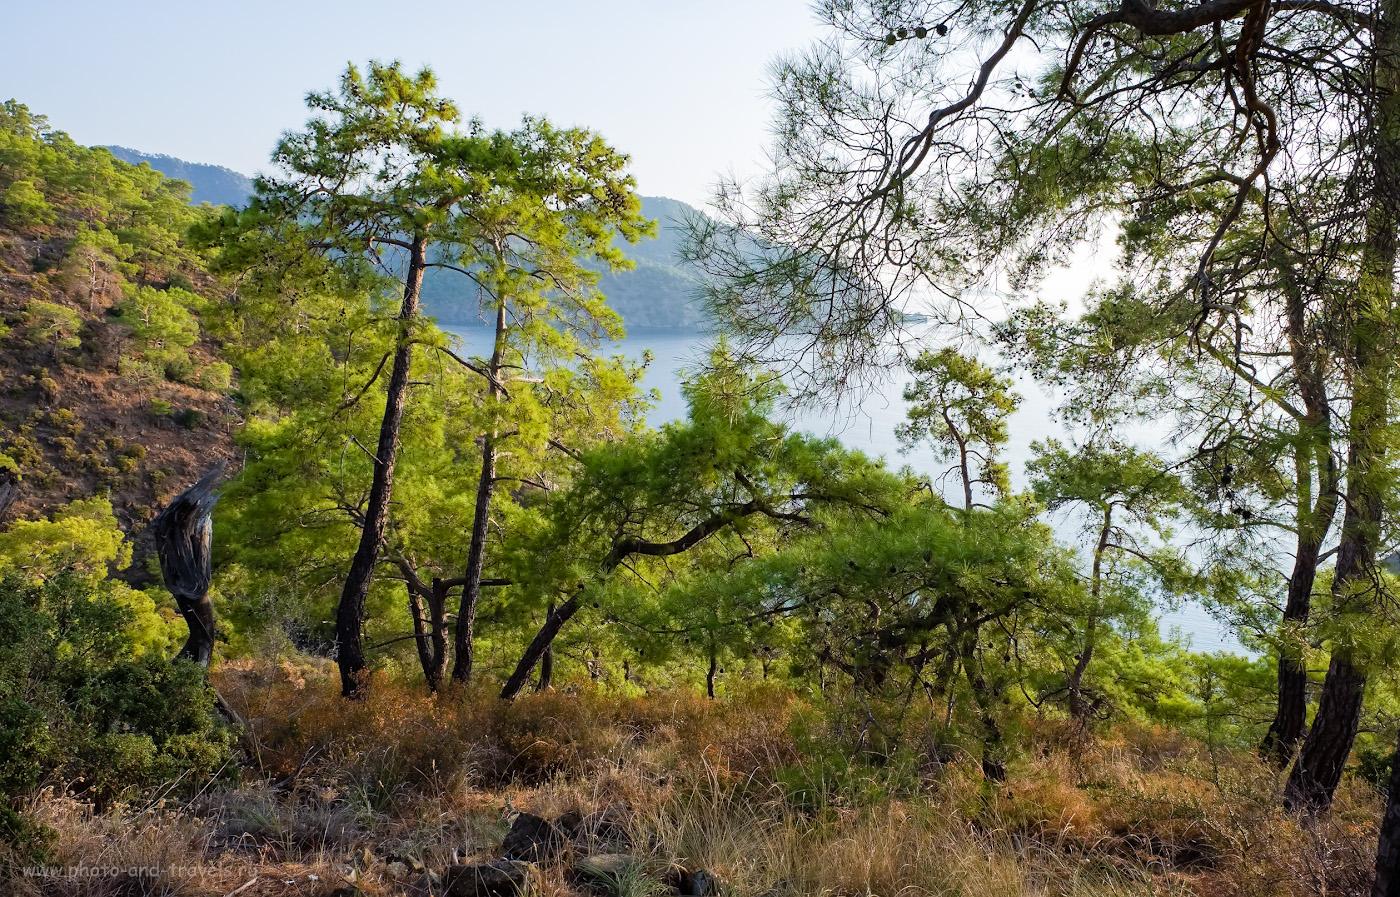 Фотография 39. Вид на бухту за скалой Карабурун в Чиралы. Вот где рай? 1/125, 8.0, 200, -0.67, 16.